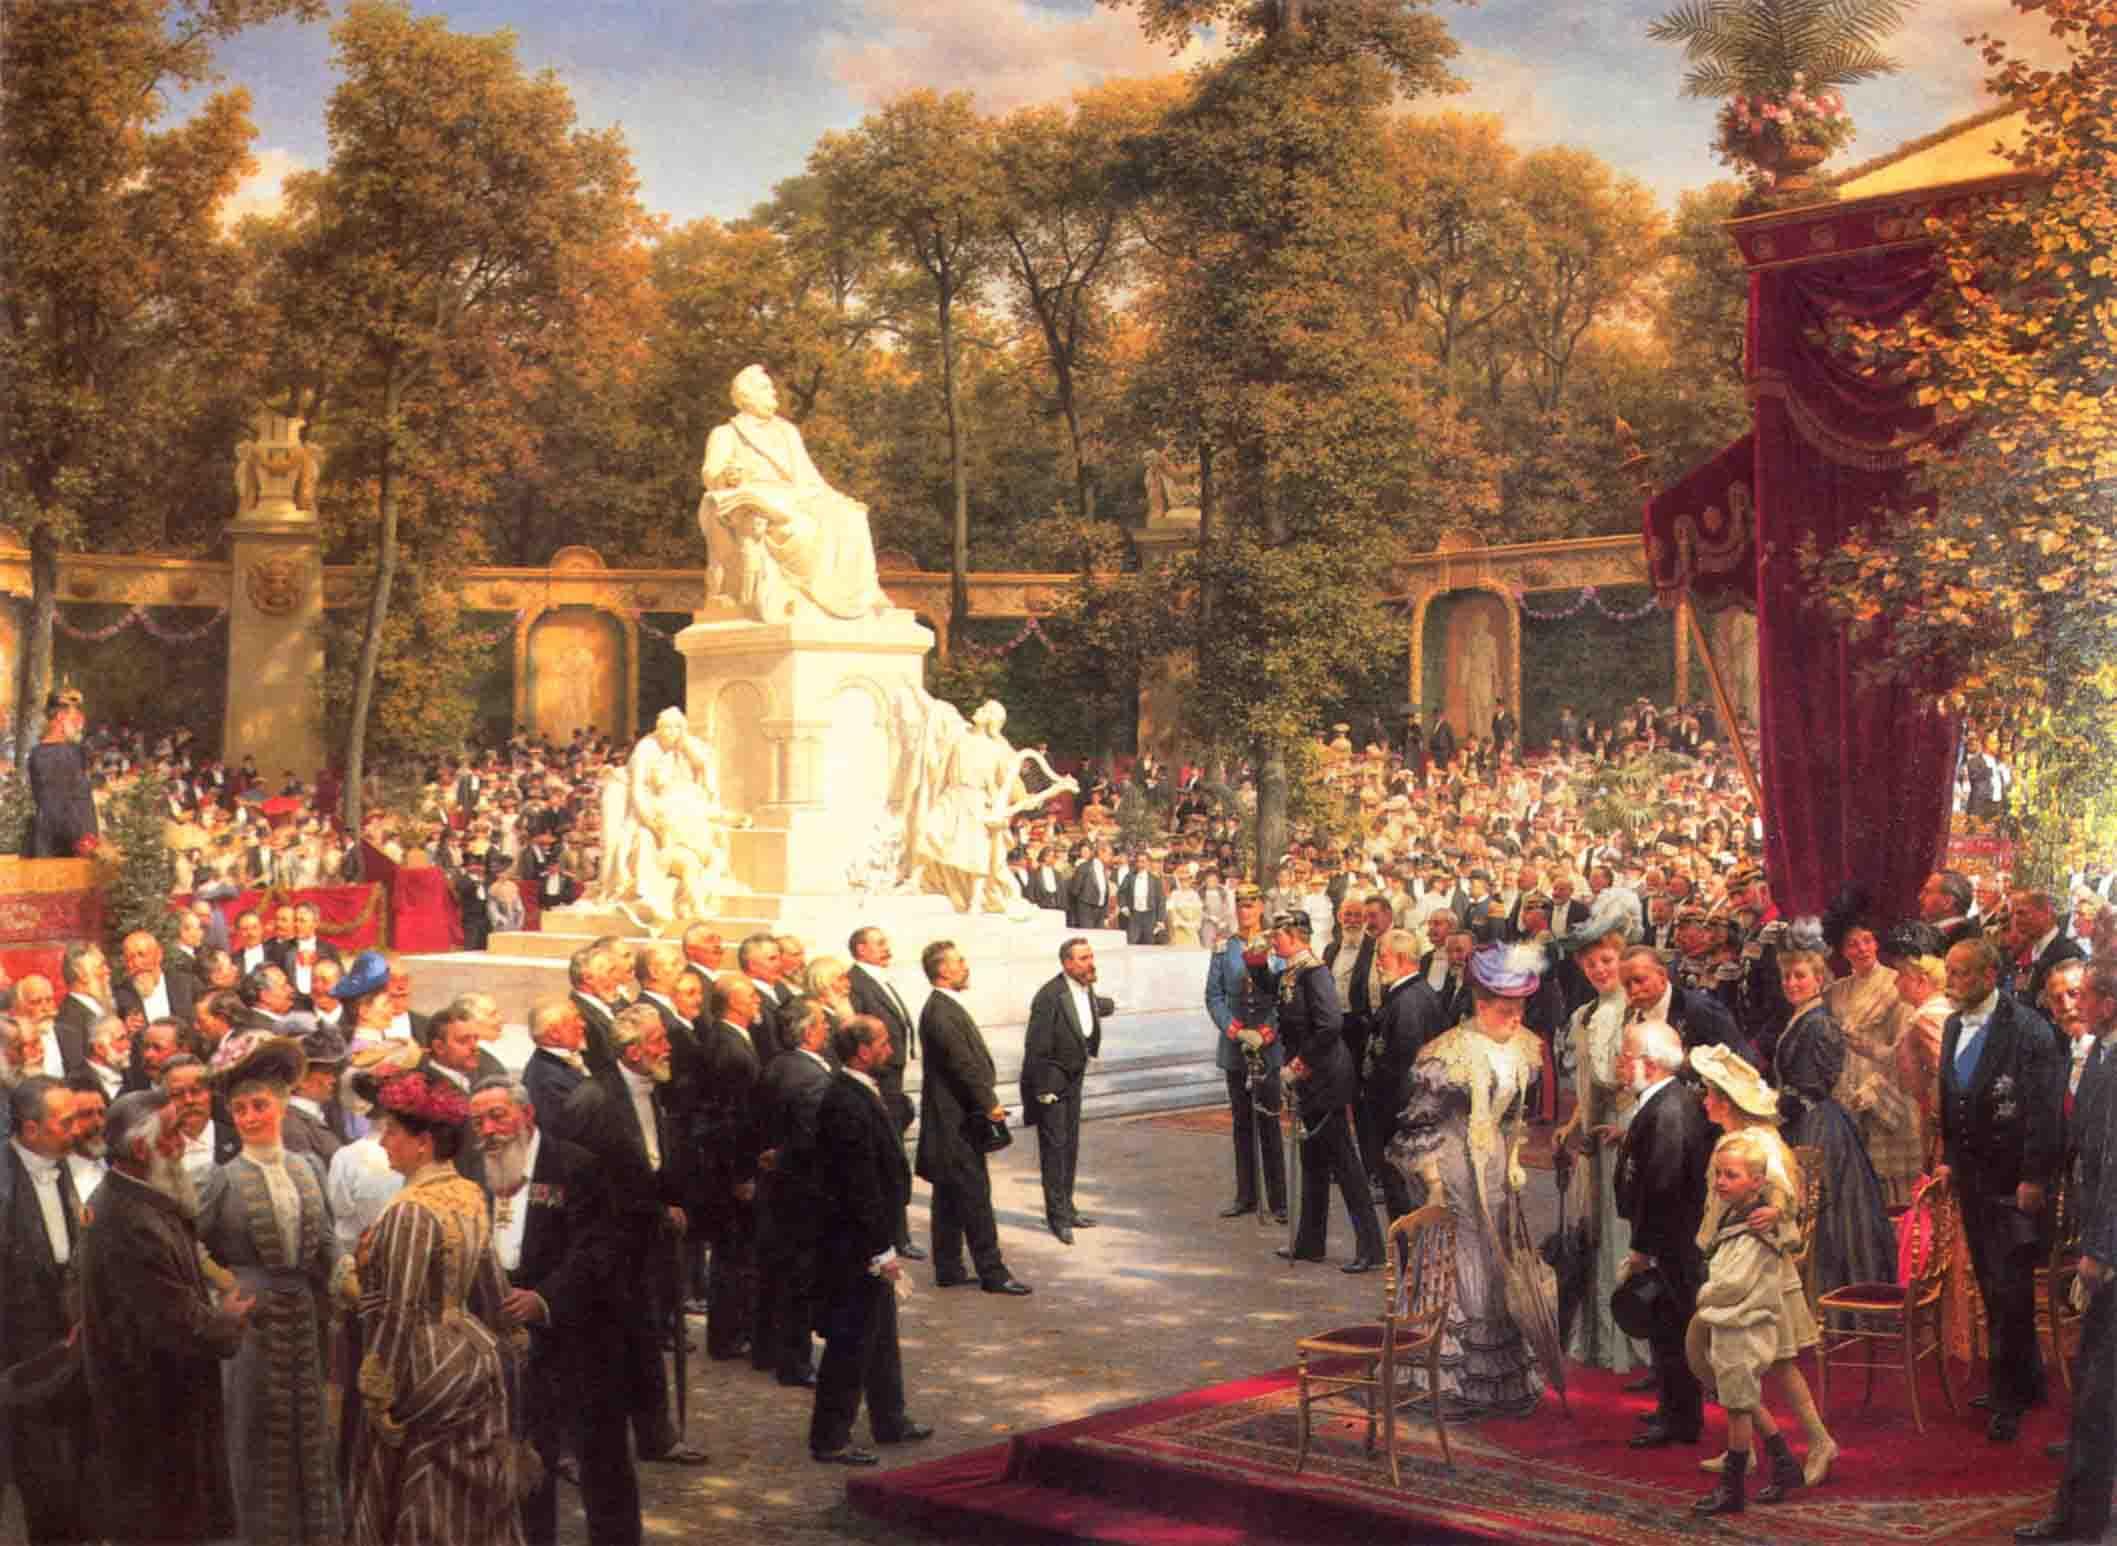 Откривање Вагнеровог споменика, рад Антона фон Вернера (1843--1915) из 1908. године.